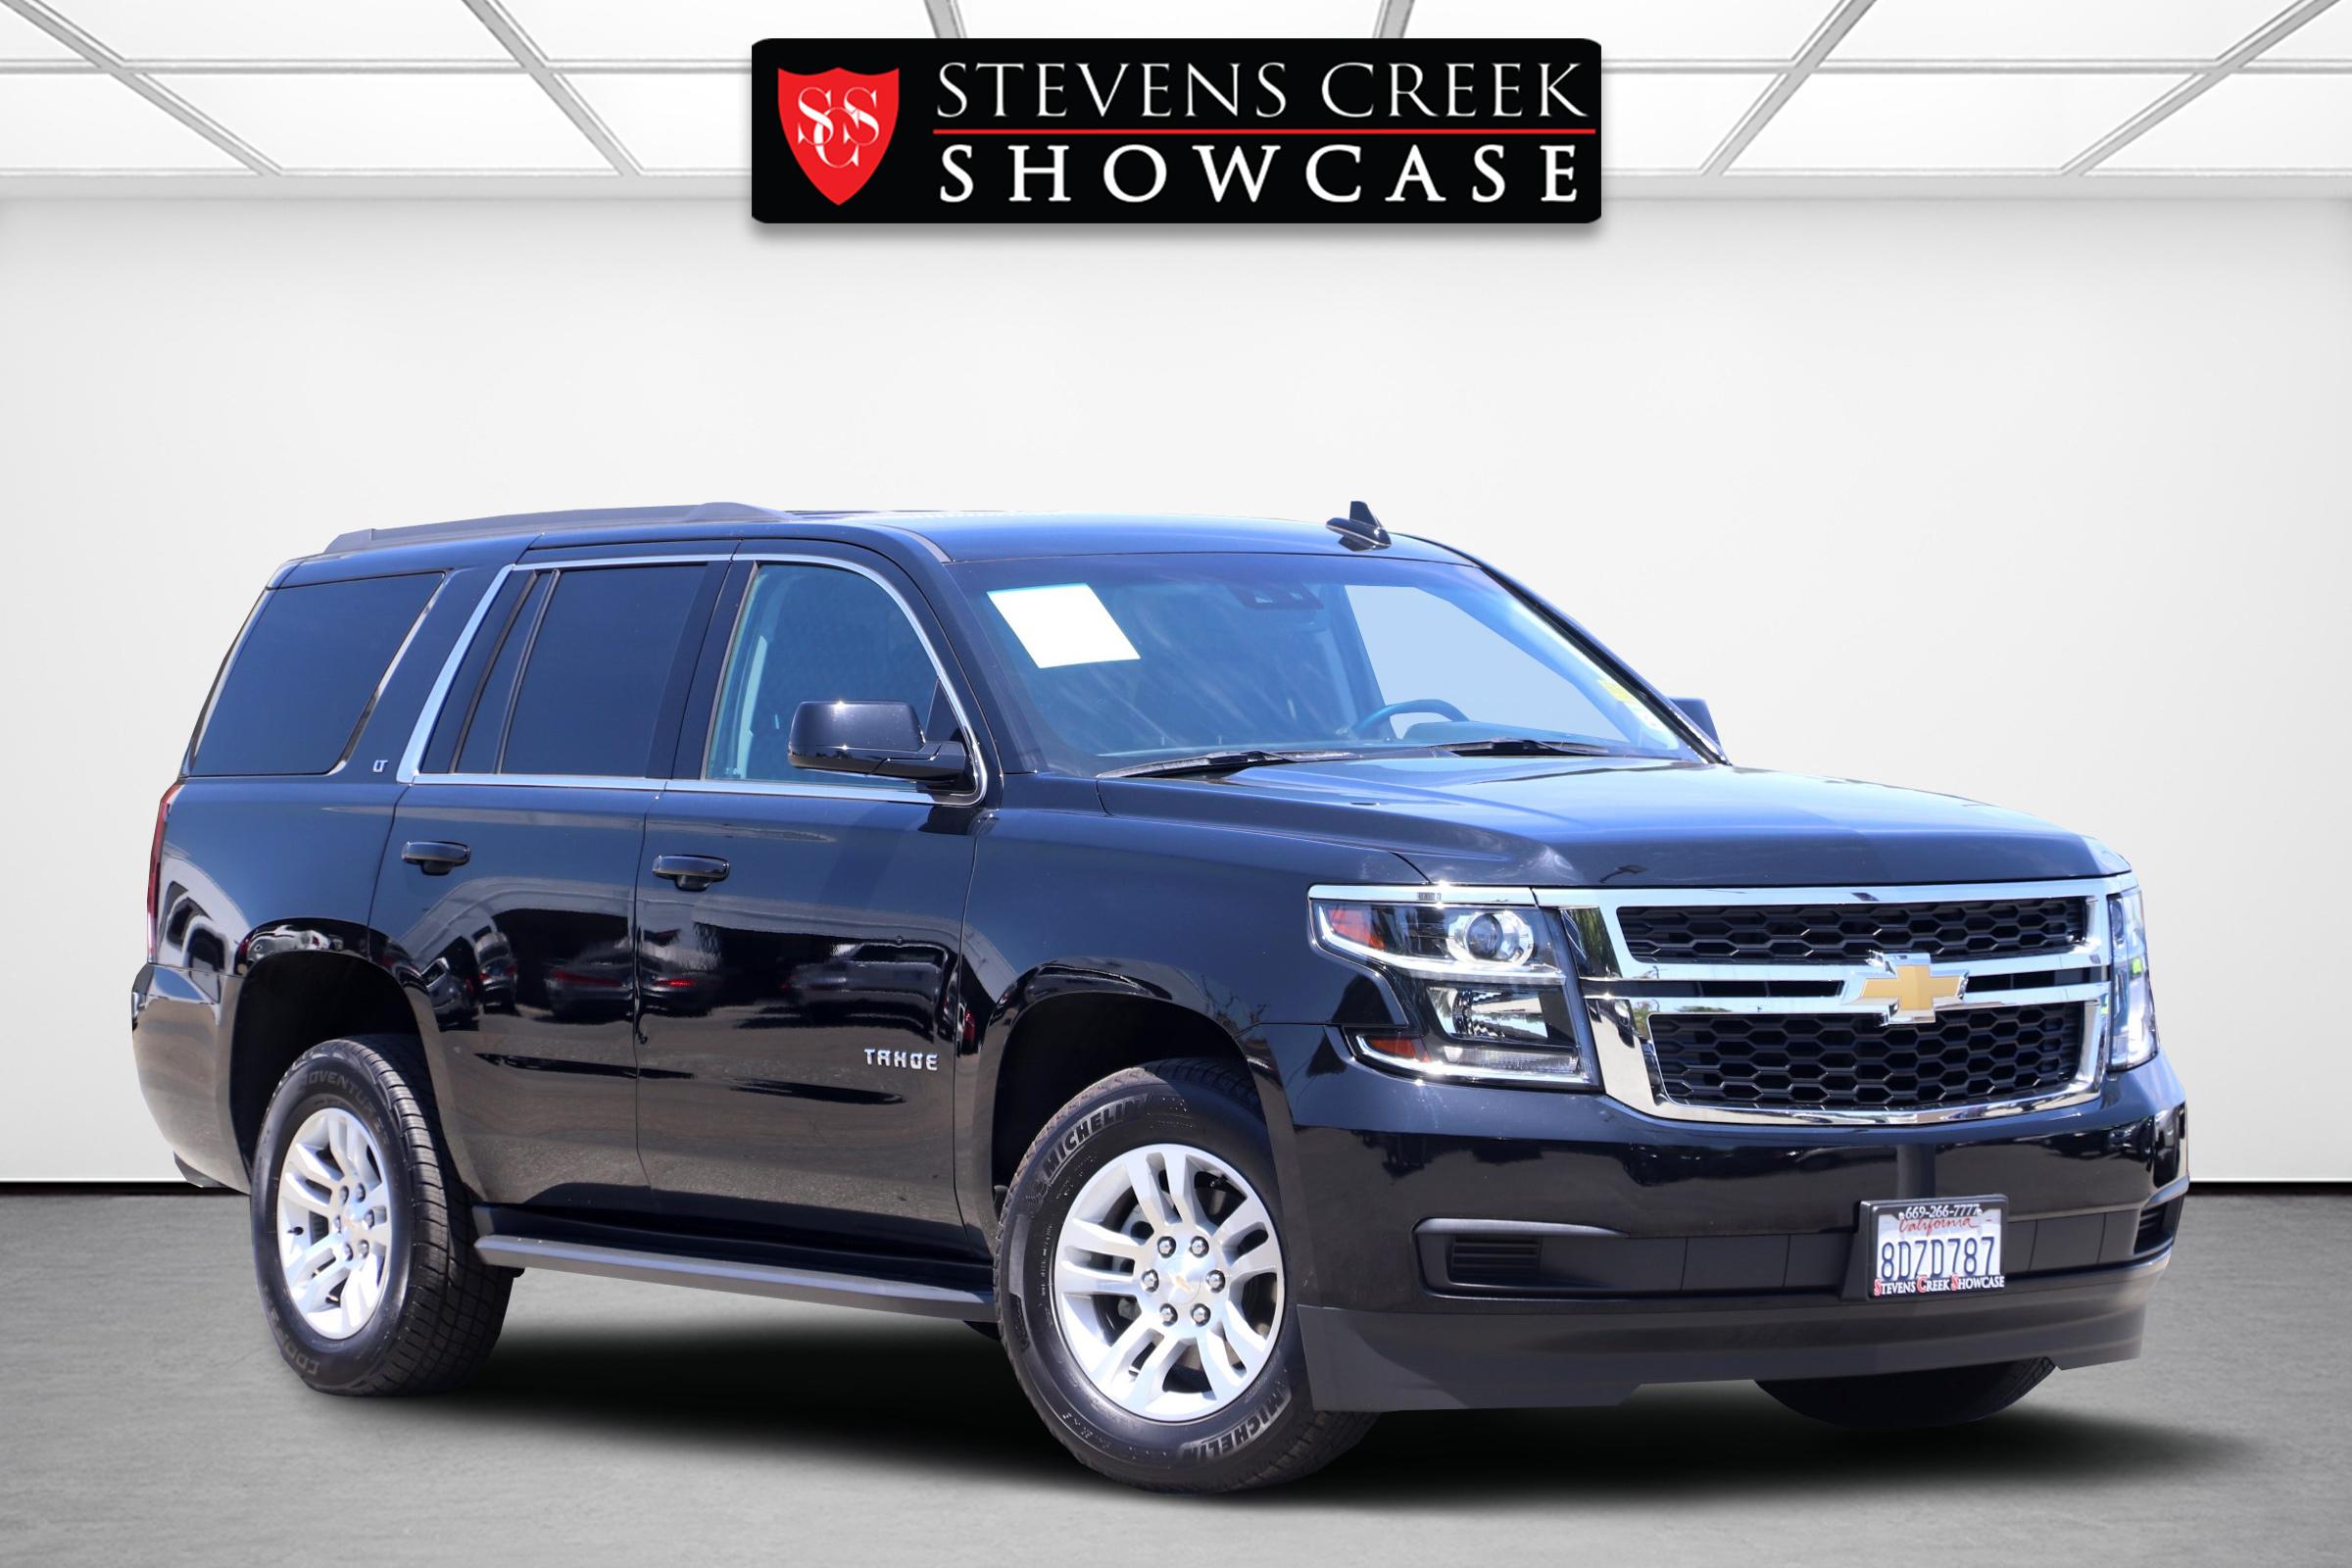 Stevens Creek Chevrolet >> 2018 Chevrolet Tahoe Lt Stevens Creek Showcase